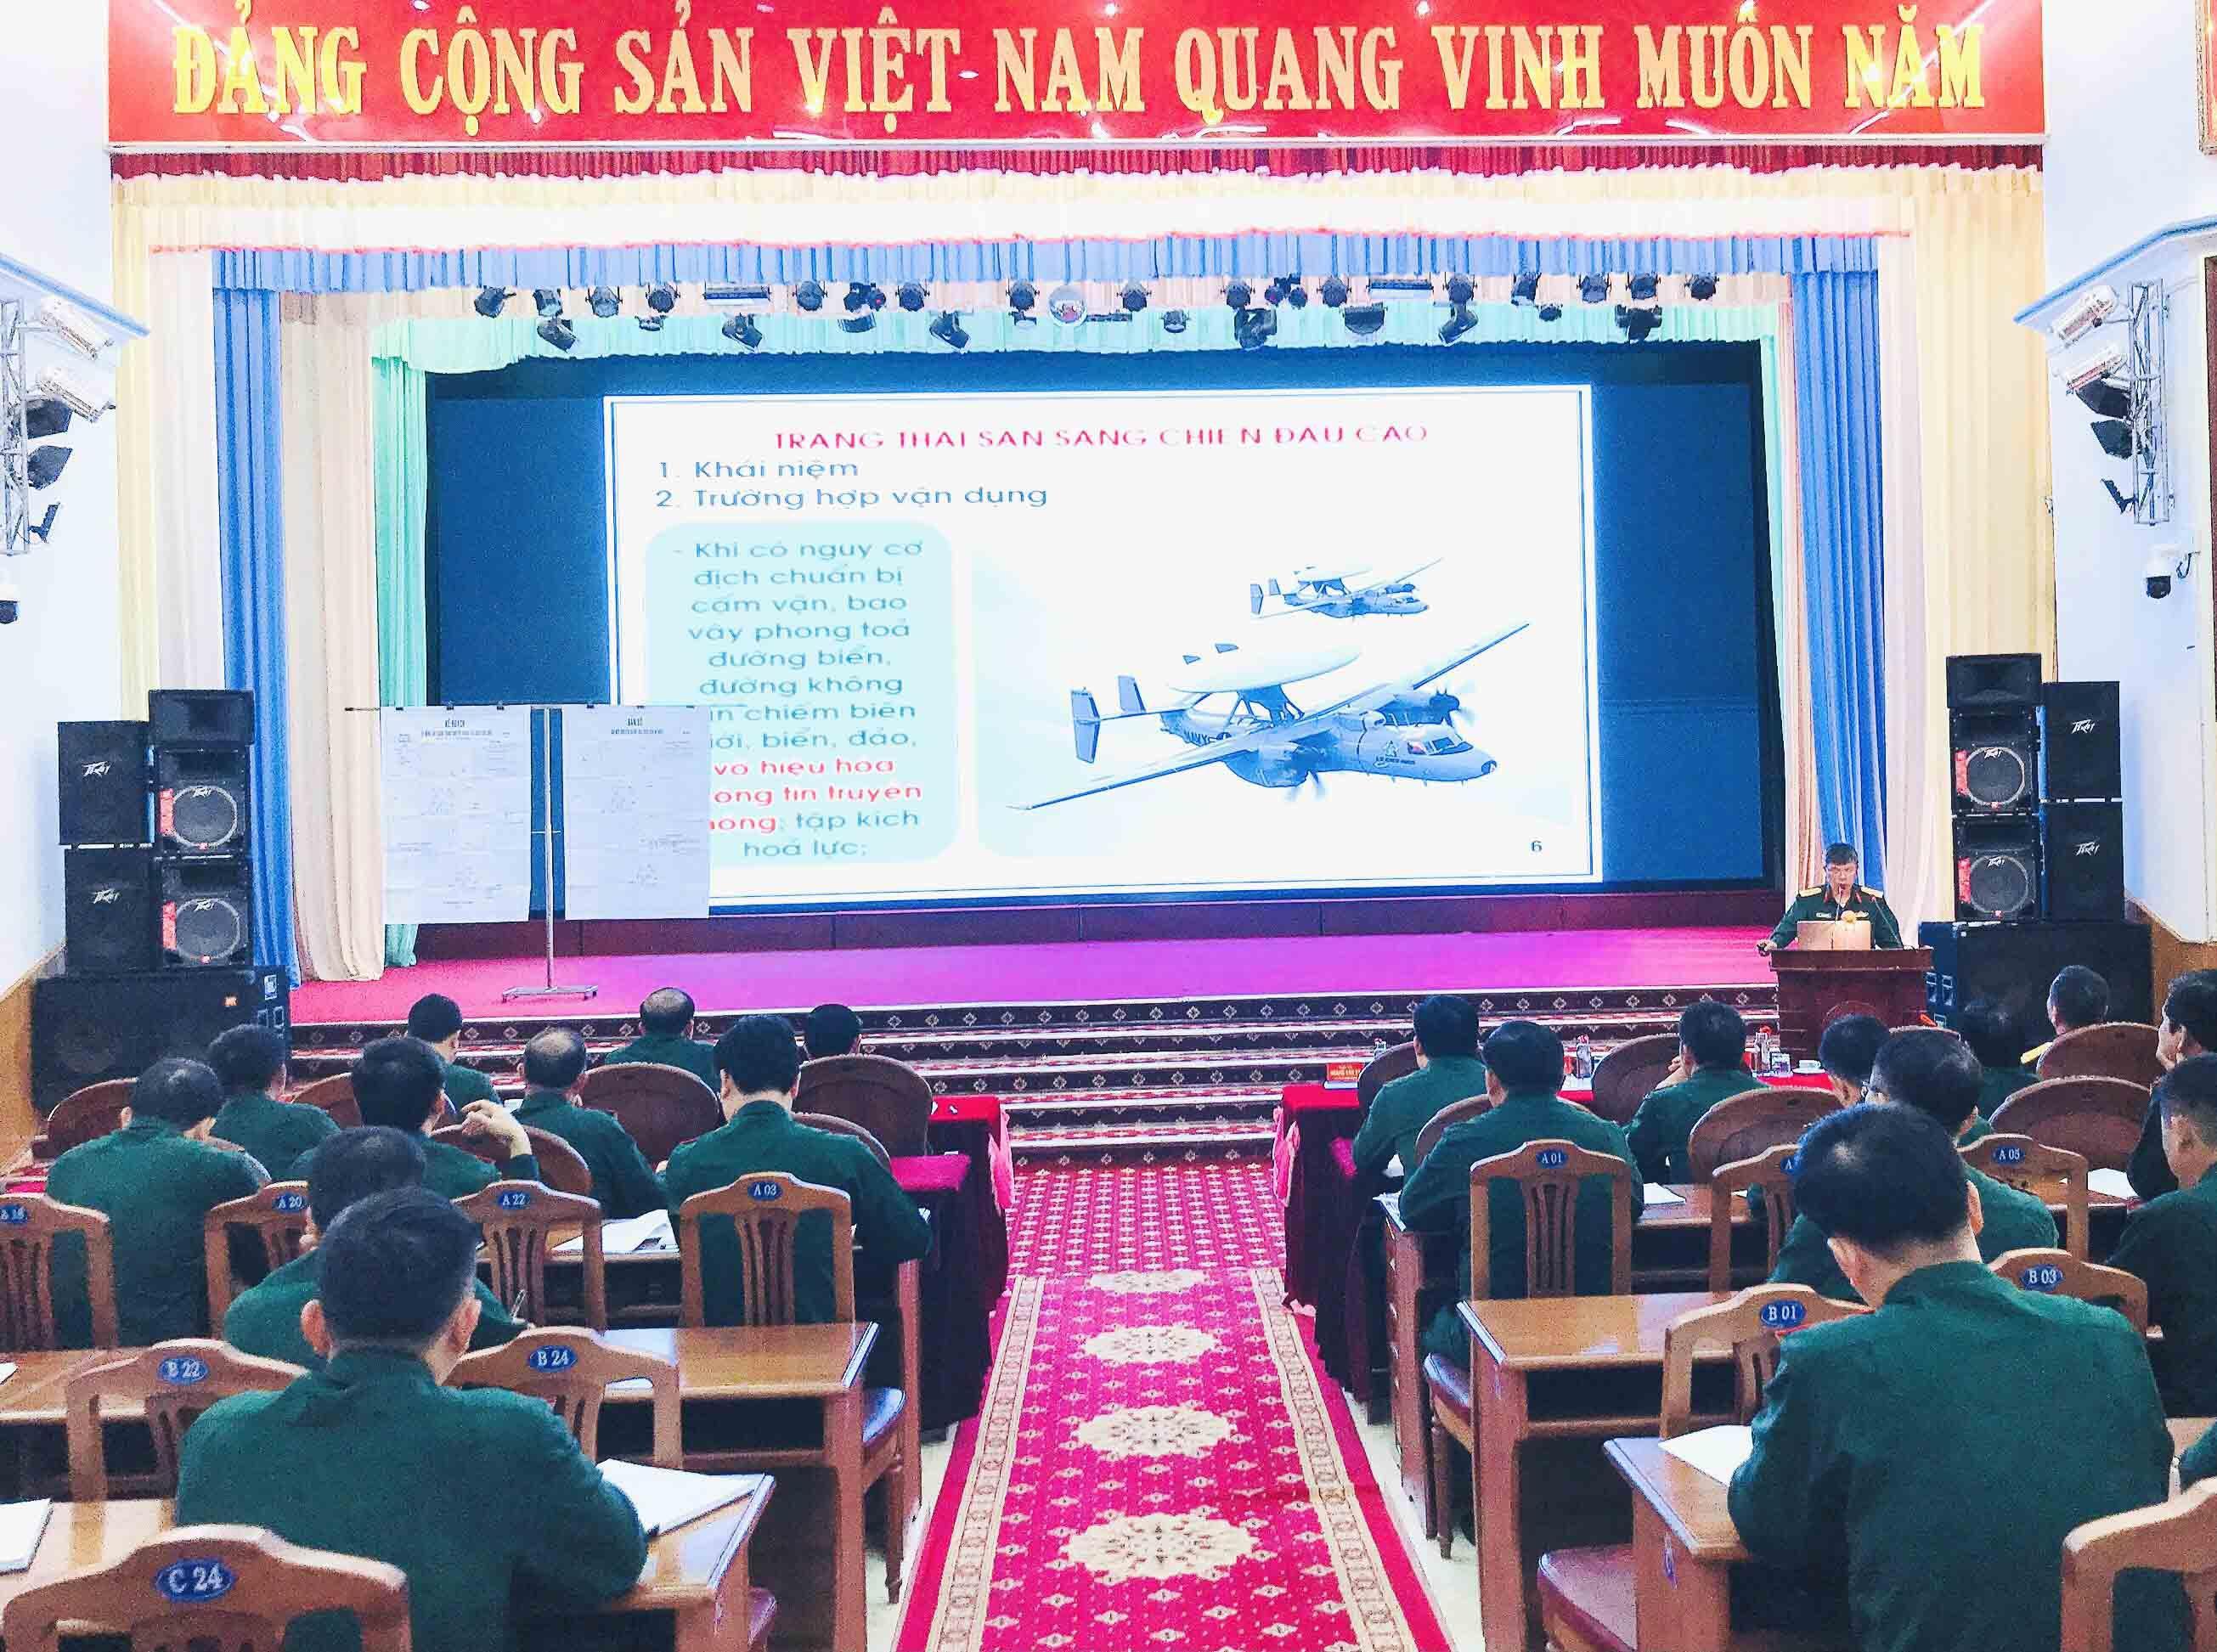 Binh đoàn 15 khai mạc lớp tập huấn chiến dịch cho cán bộ chủ trì năm 2021 Ảnh 1